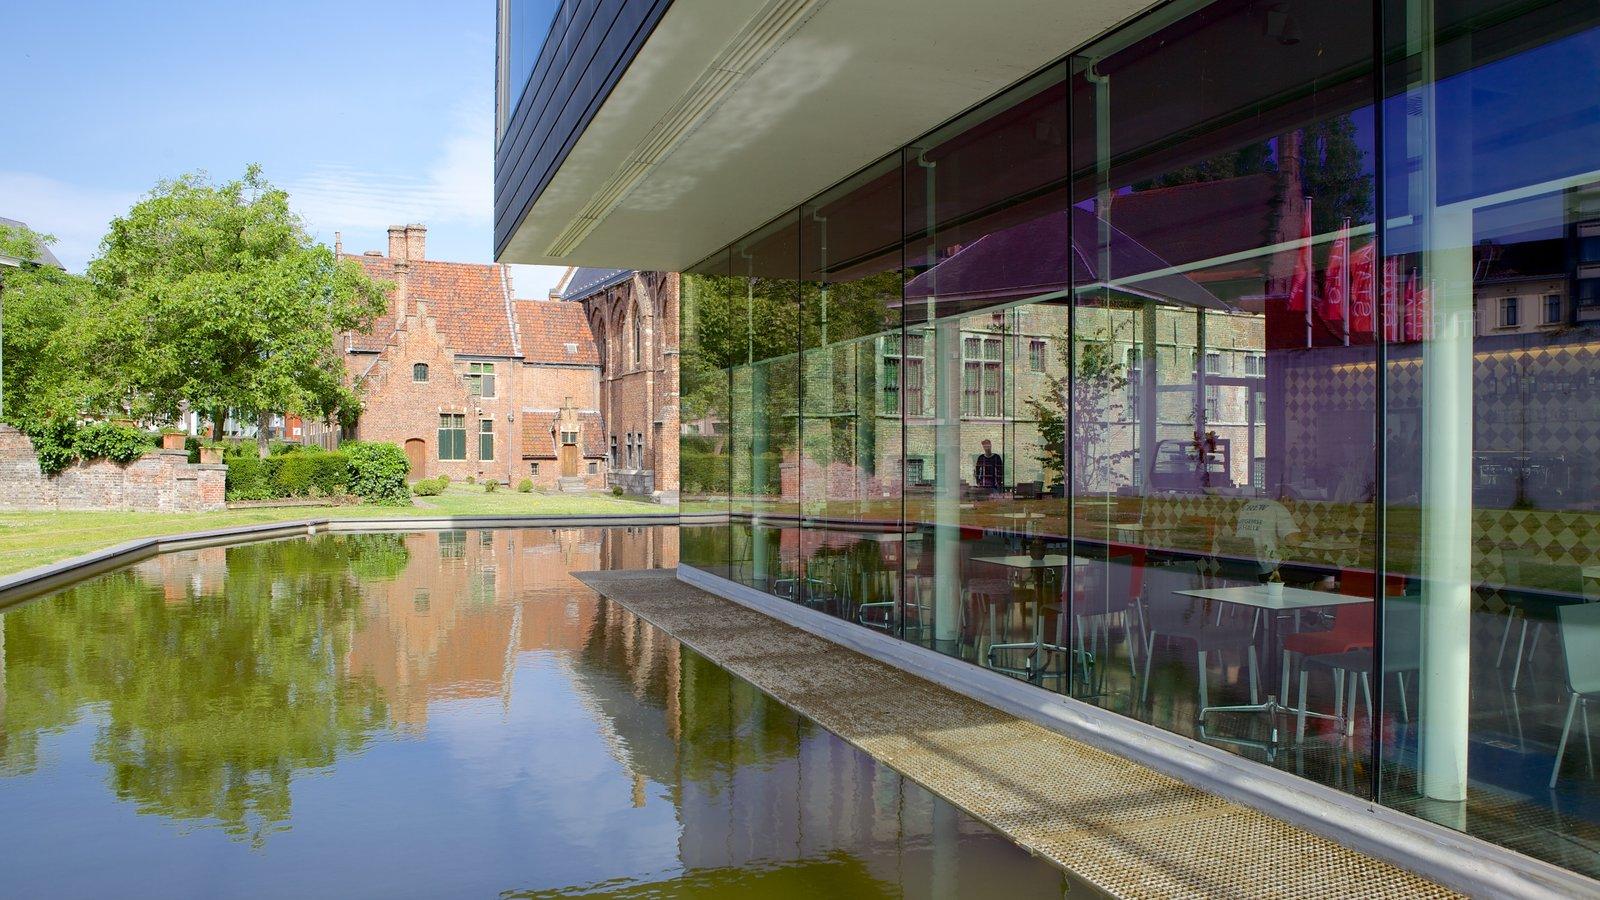 Museo Municipal de Gante STAM mostrando arquitectura moderna